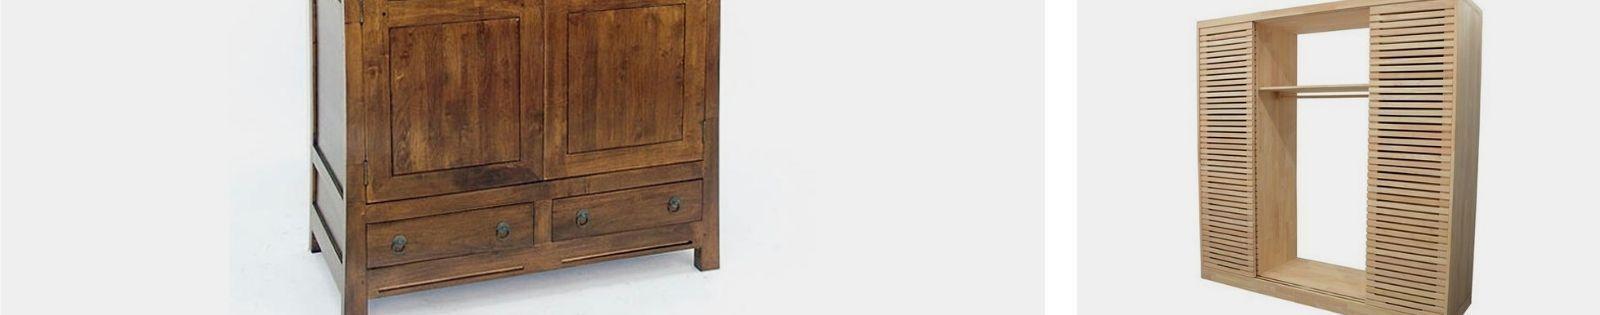 Armoire en bois massif Haut de Gamme en Hêtre, Chêne, Merisier, Noyer, Pin. Le Monde du Lit